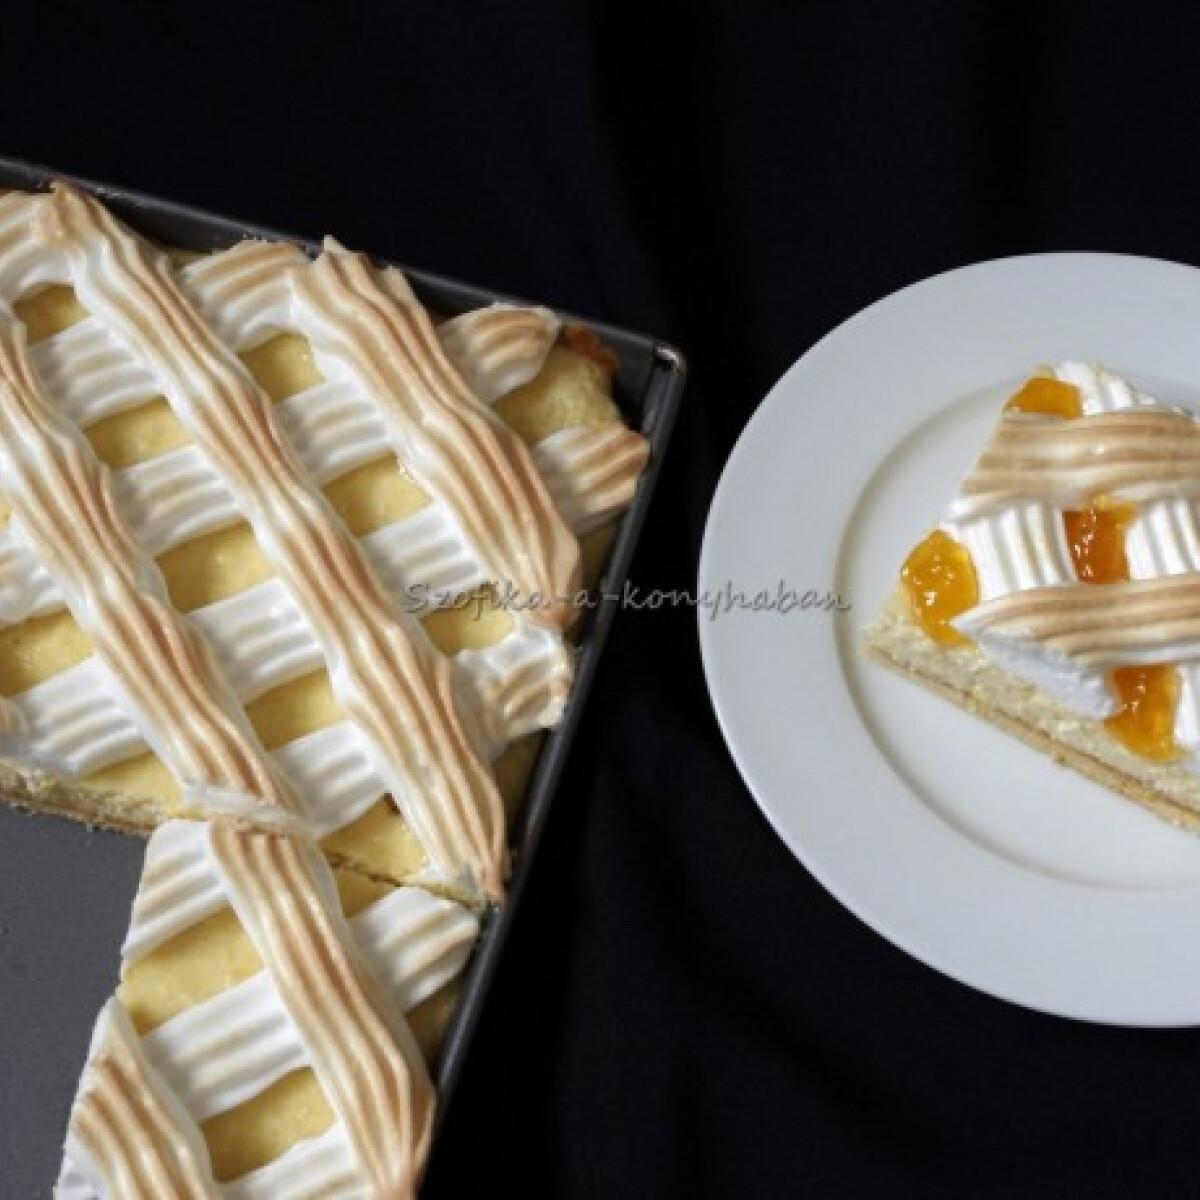 Ezen a képen: Rákóczi-túrós Szofika konyhájából